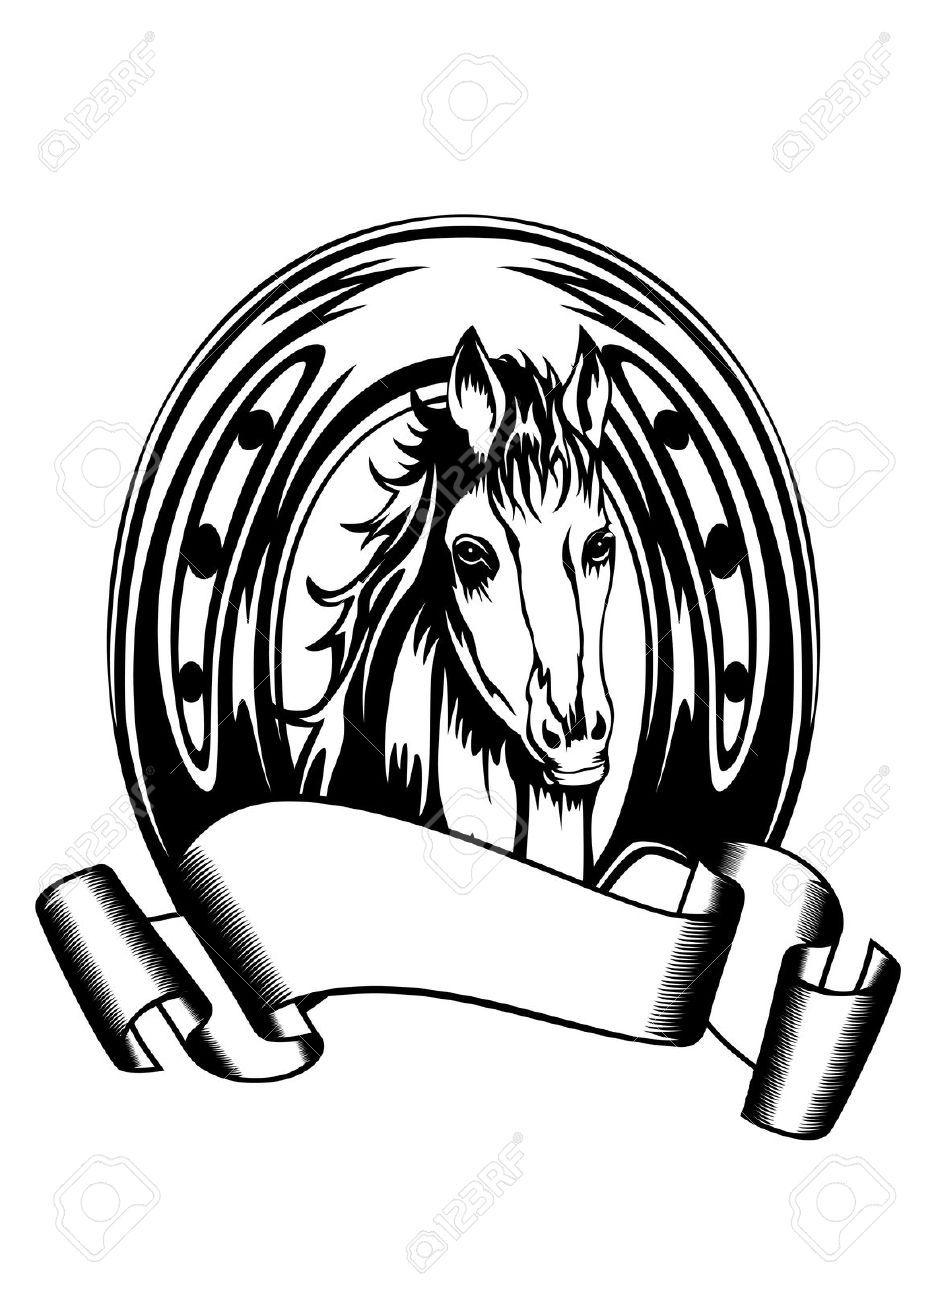 Ilustração Do Vetor Da Cabeça De Cavalo Em Ferradura Royalty Free ...